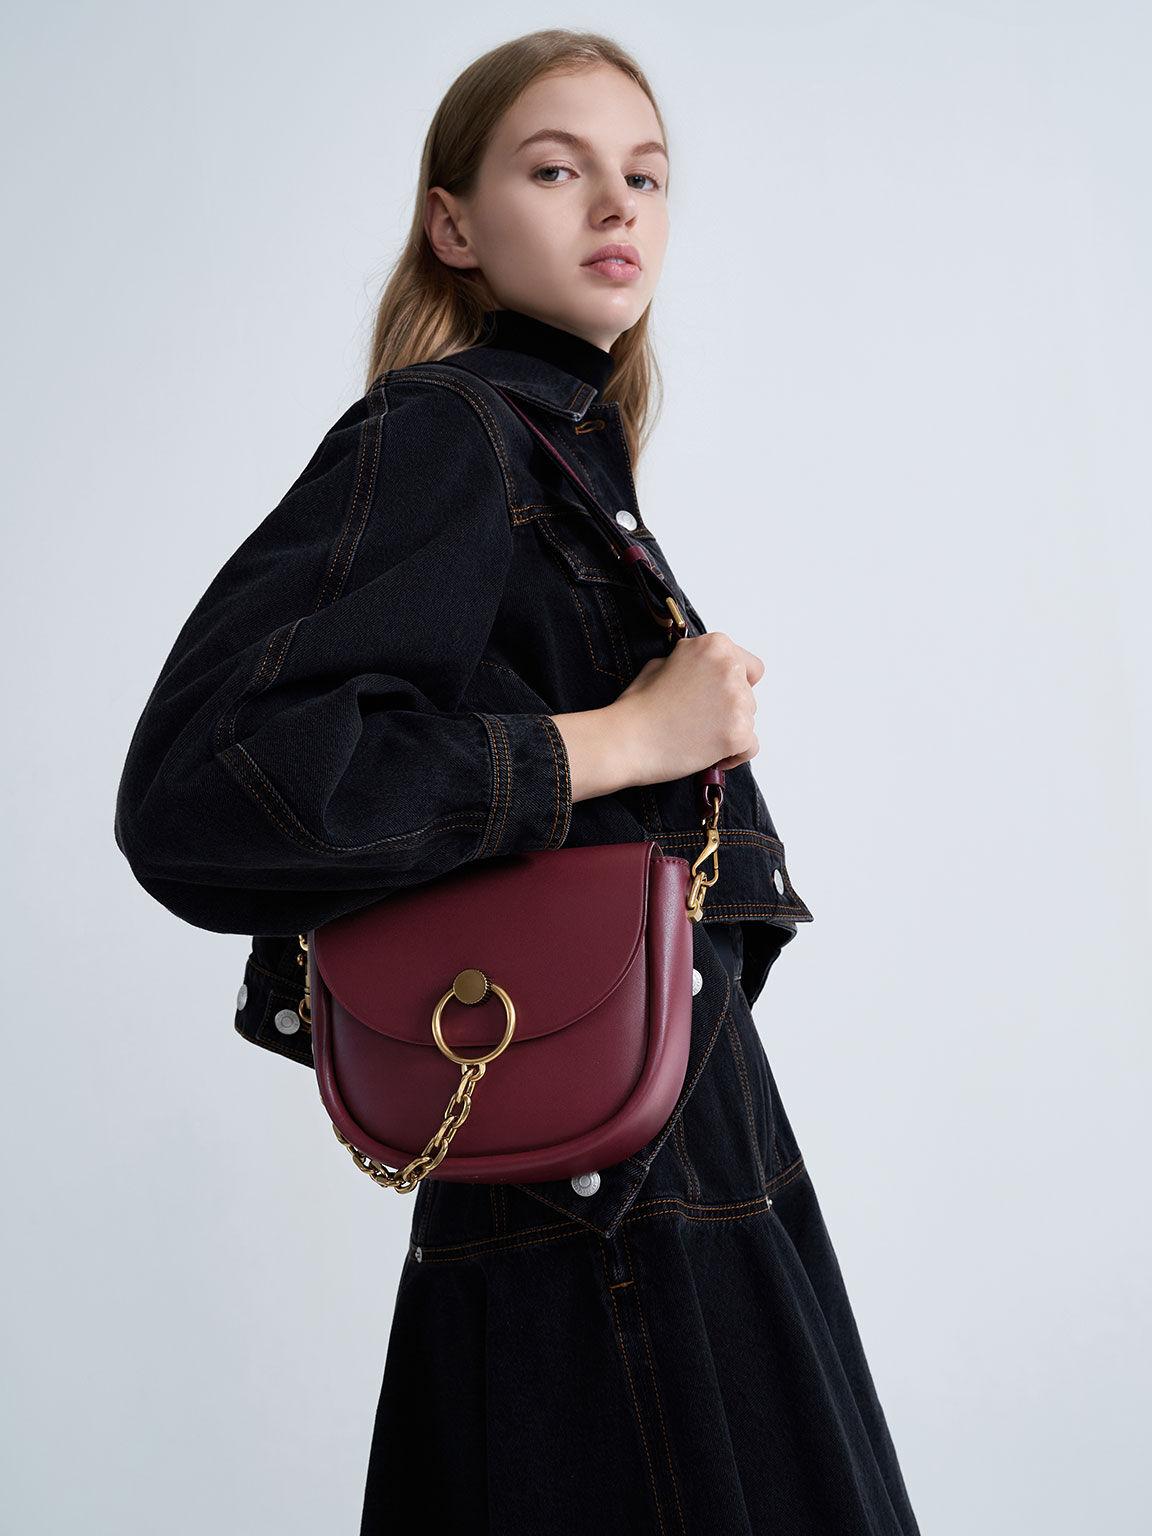 Chunky Chain-Link Saddle Bag, Burgundy, hi-res